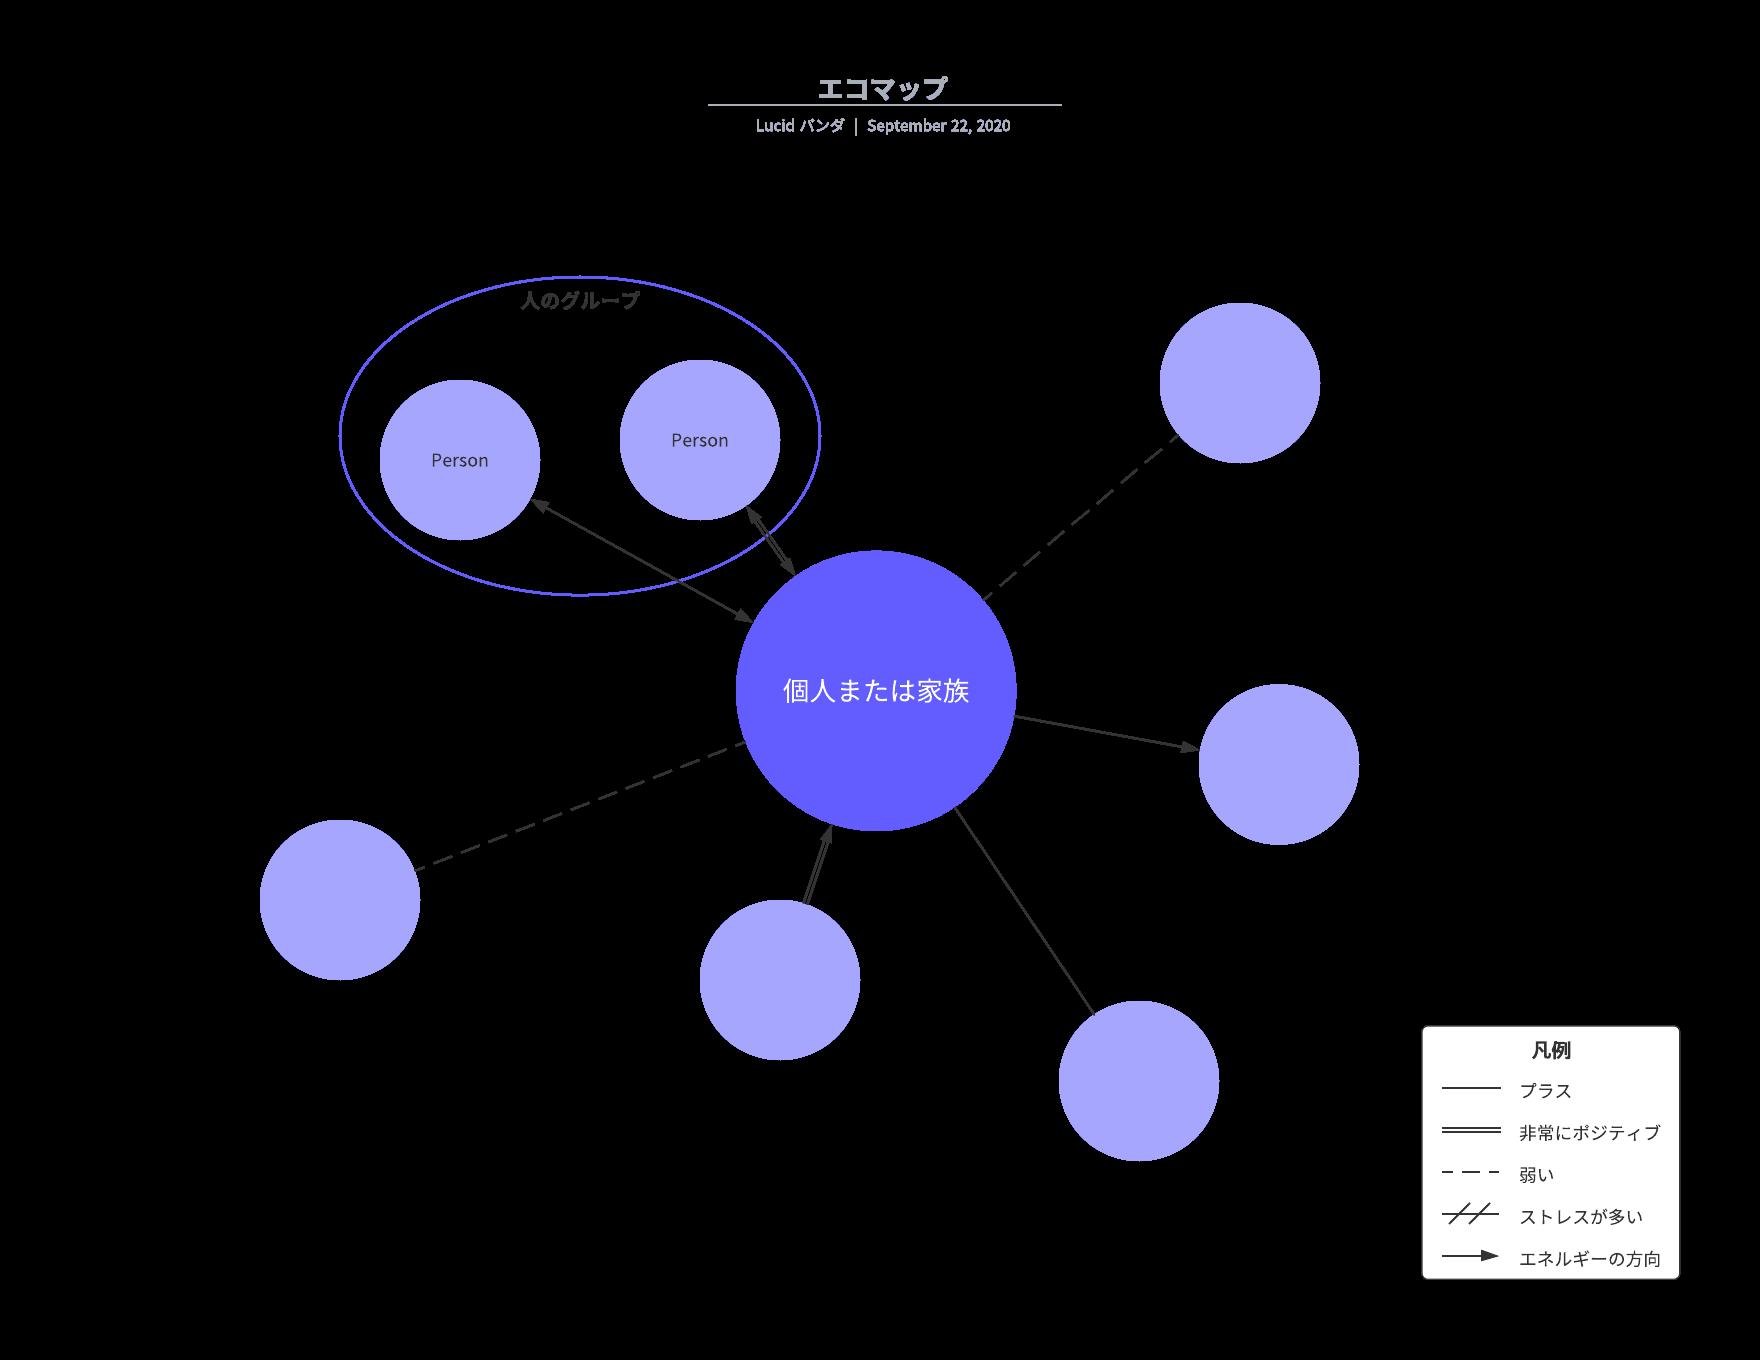 エコマップの例とサンプル